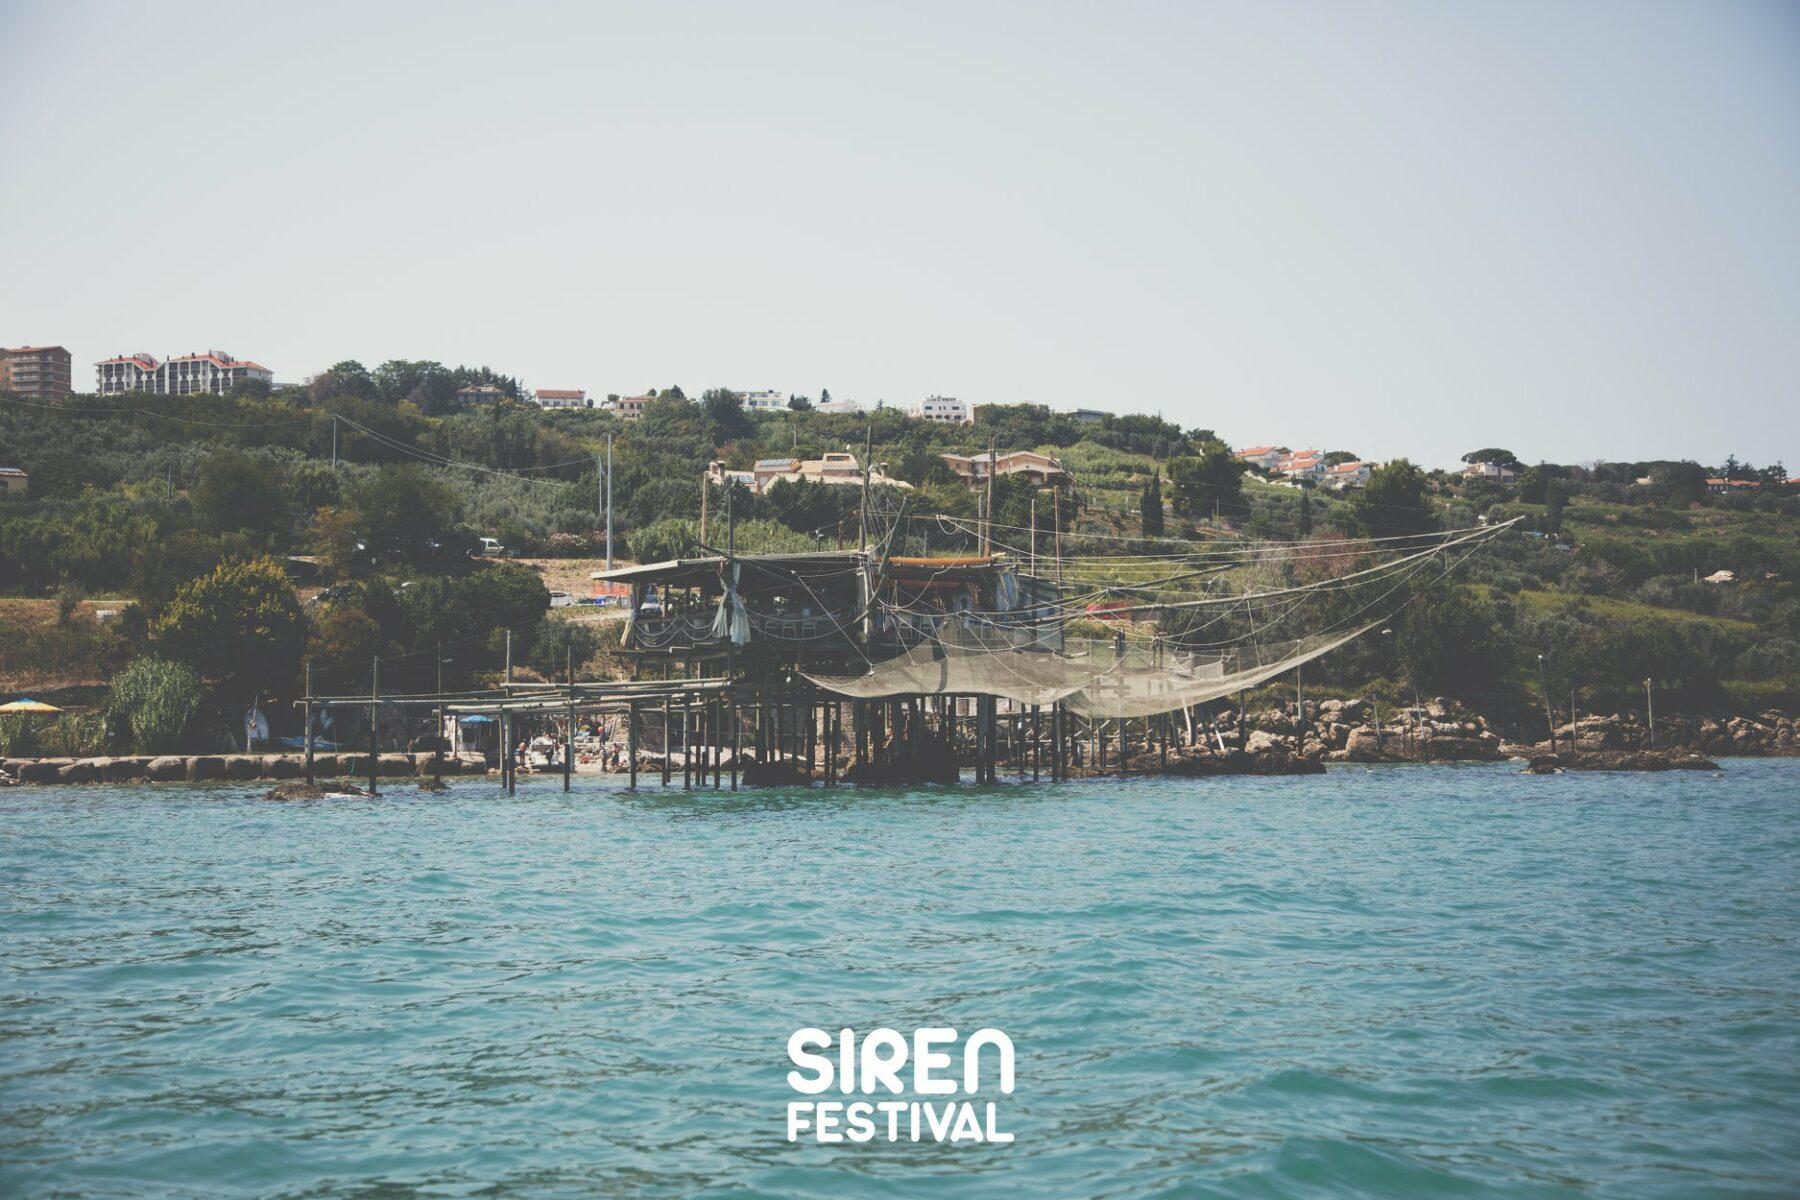 siren-festival